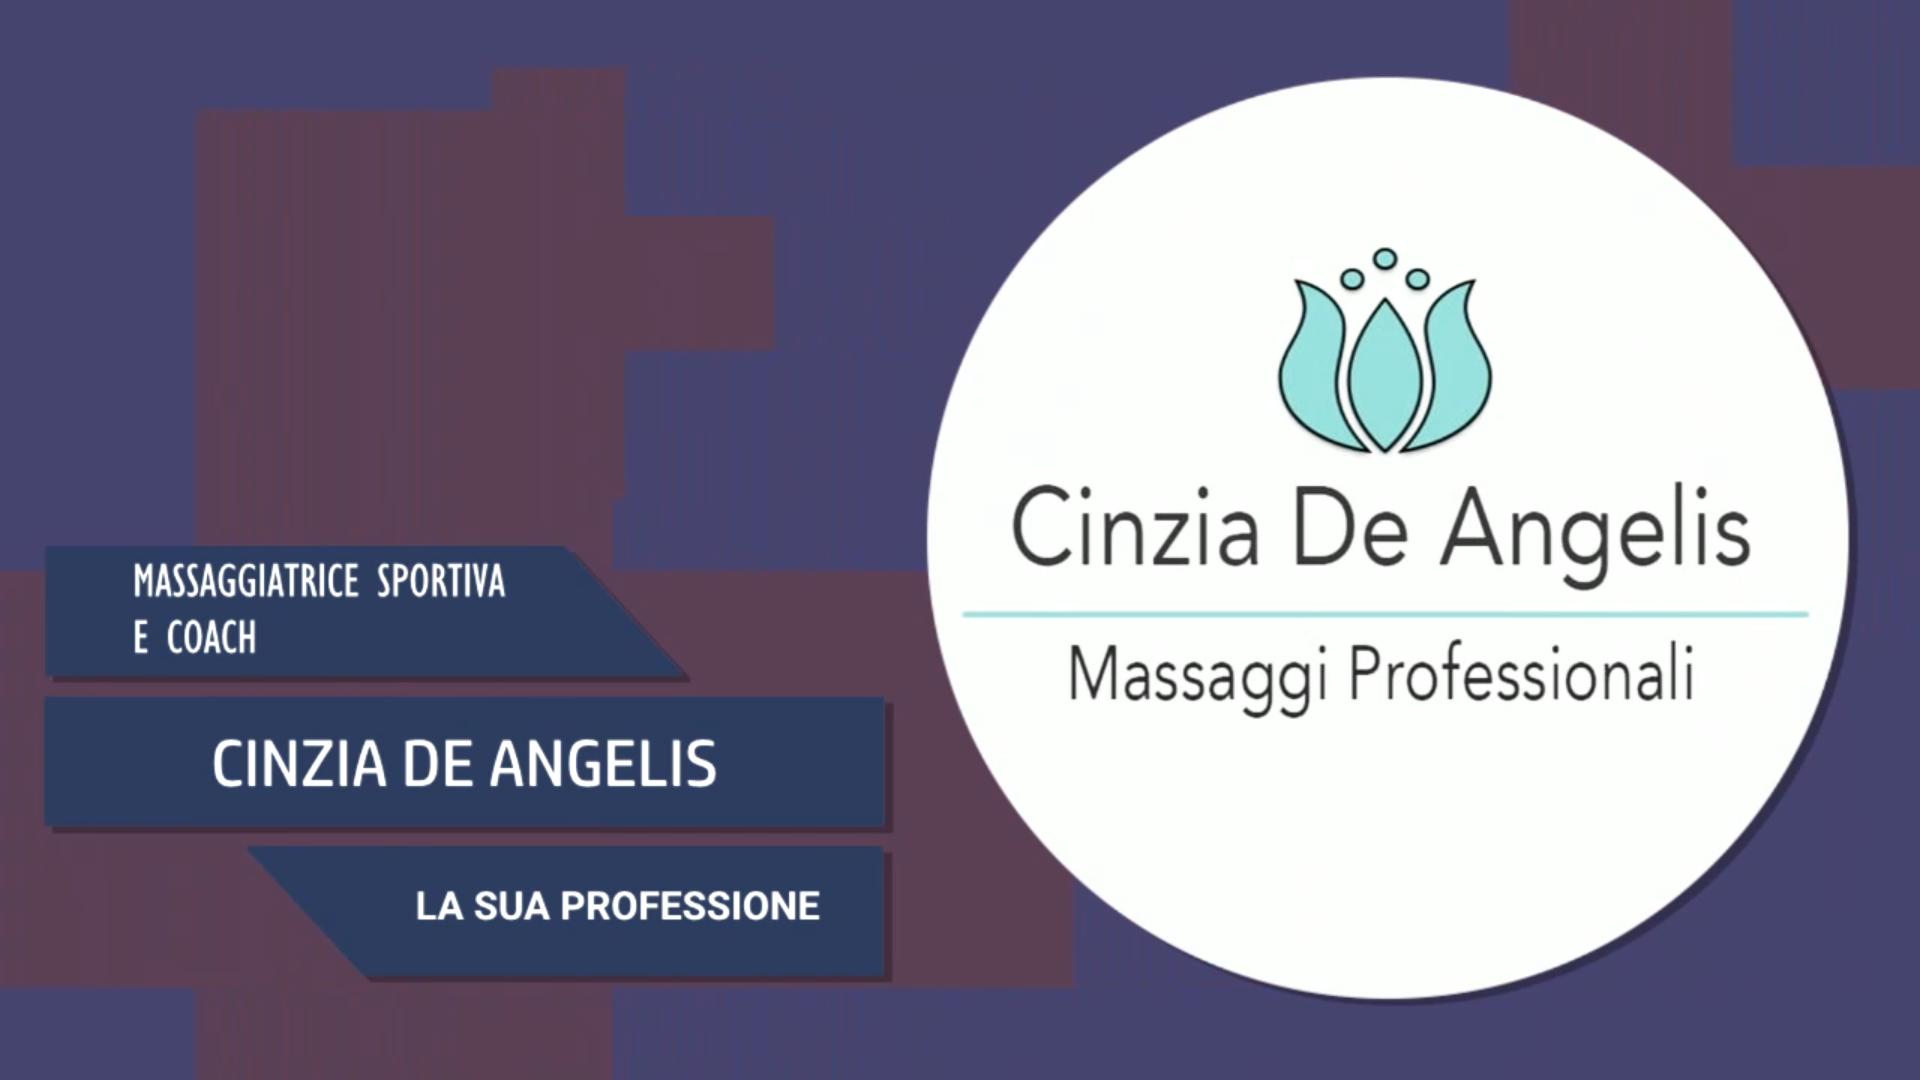 Intervista a Cinzia De Angelis – La sua professione